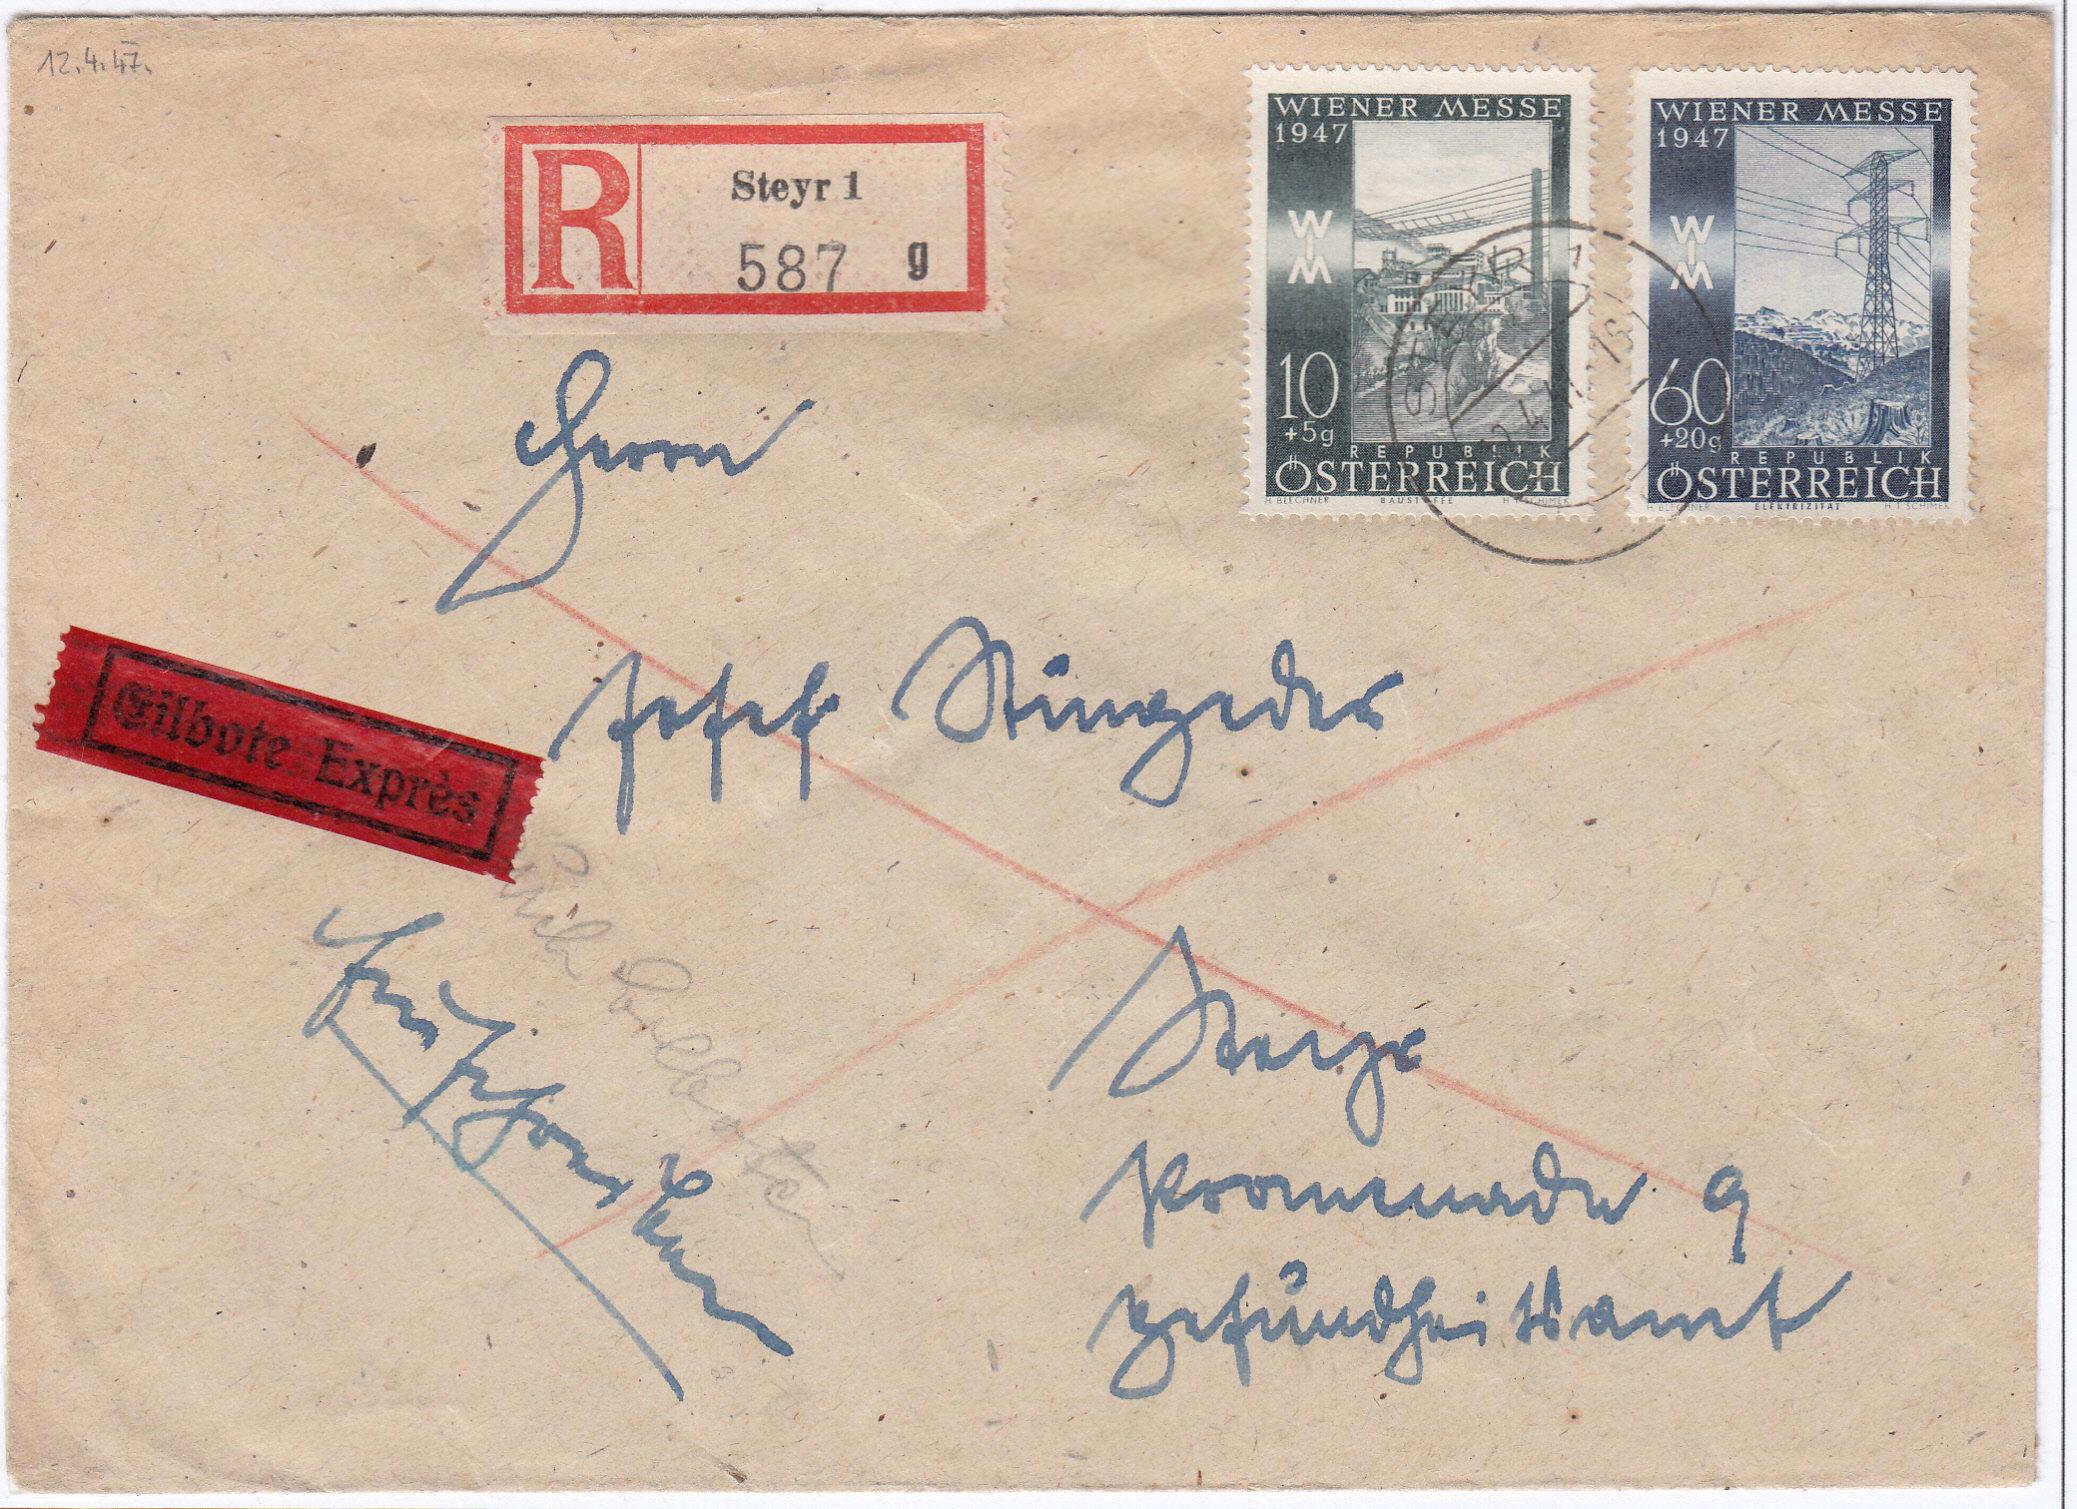 Sammlung Bedarfsbriefe Österreich ab 1945 - Seite 14 Img245